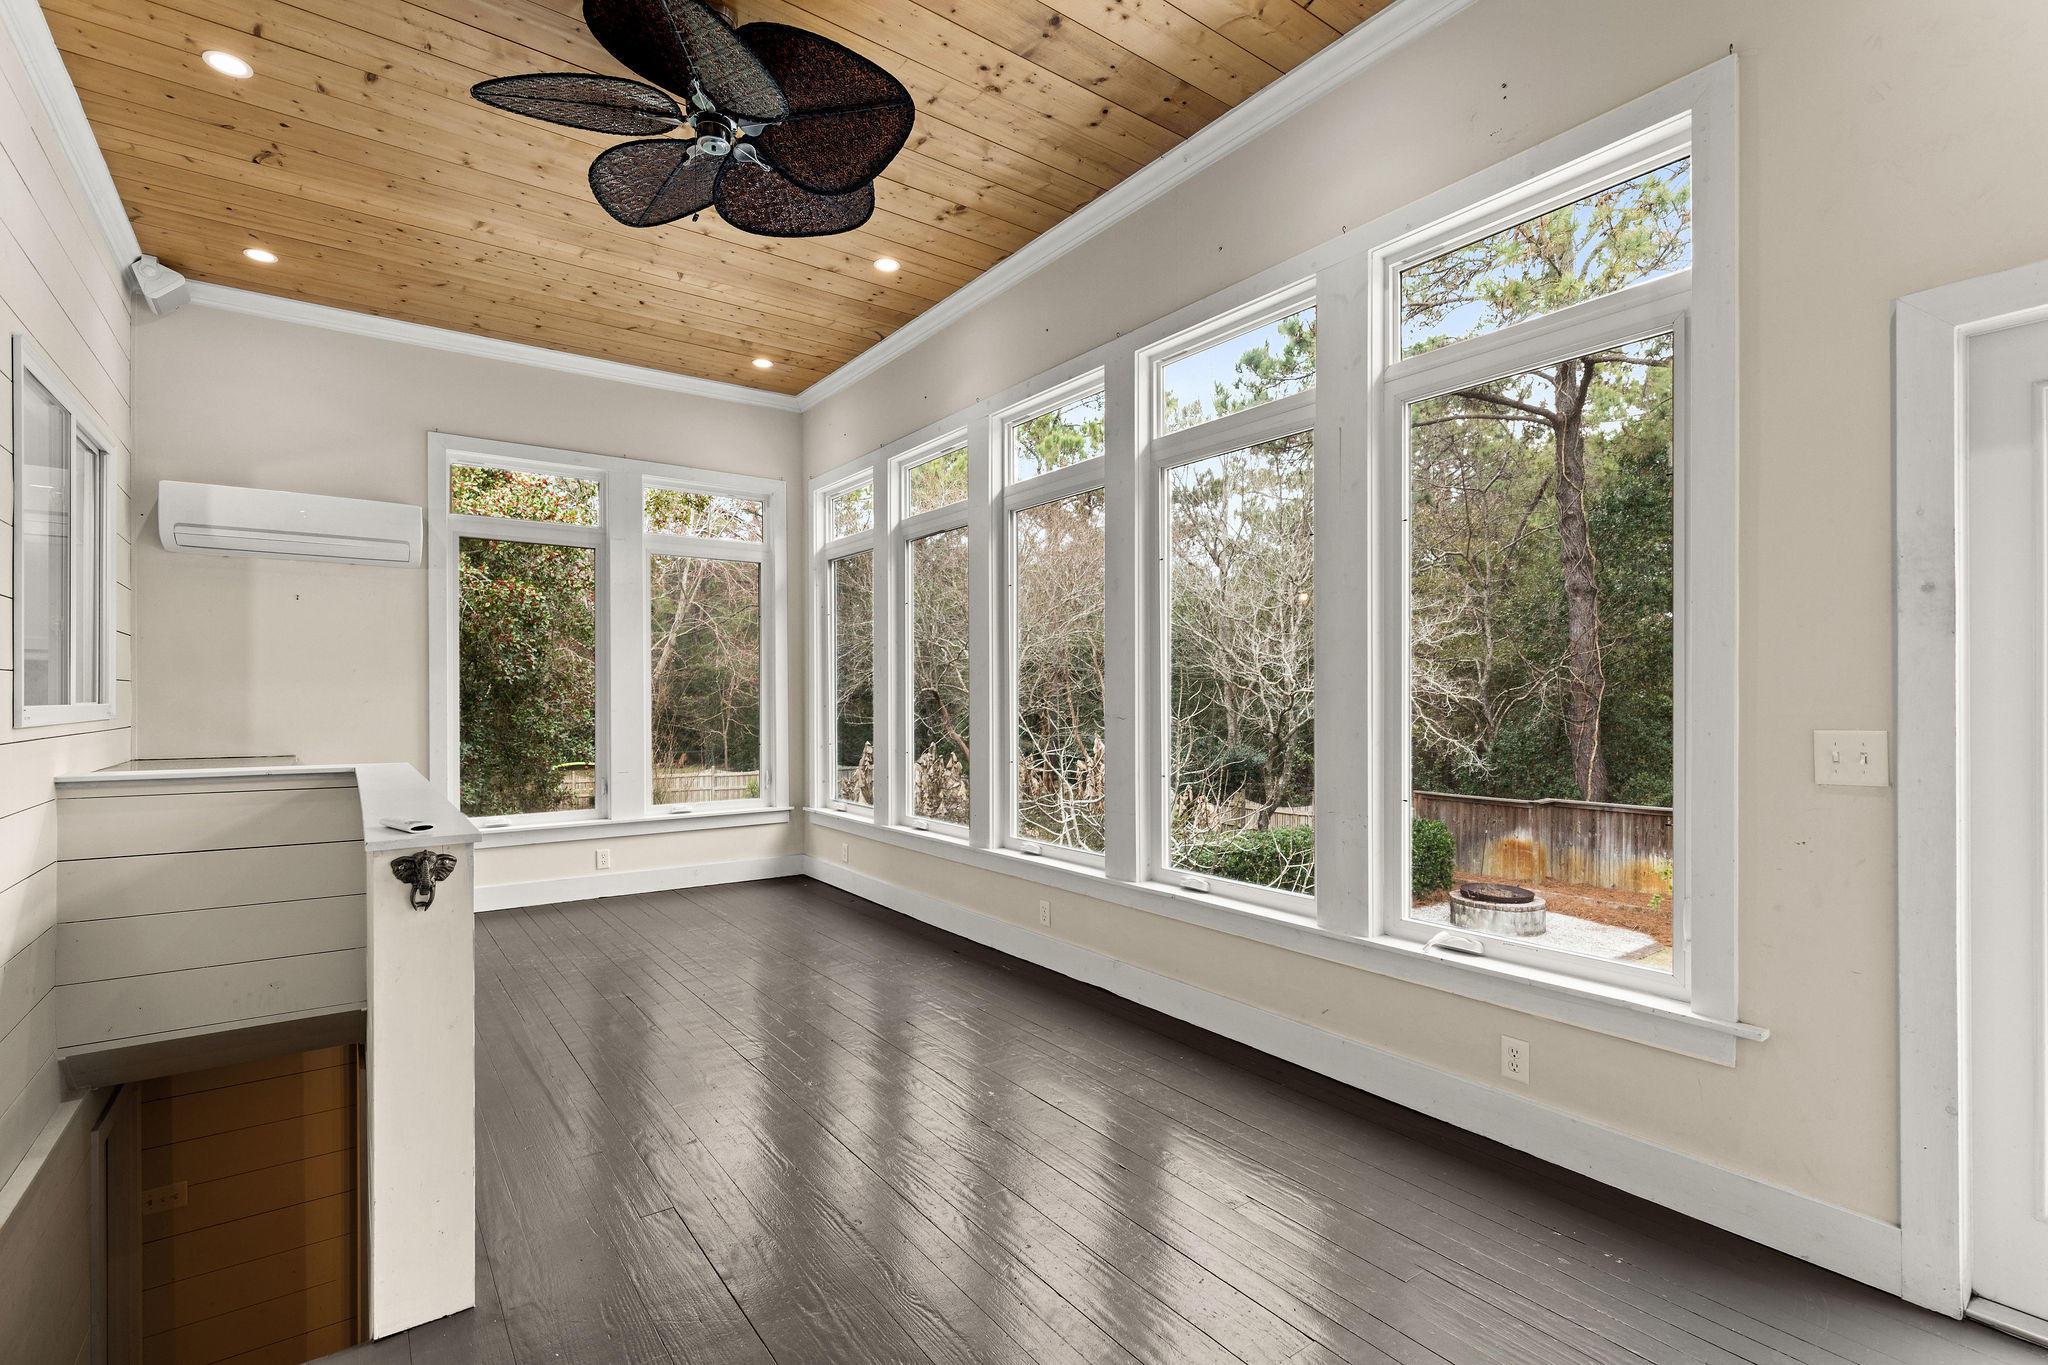 Oakhaven Plantation Homes For Sale - 1484 Pine Island View, Mount Pleasant, SC - 65